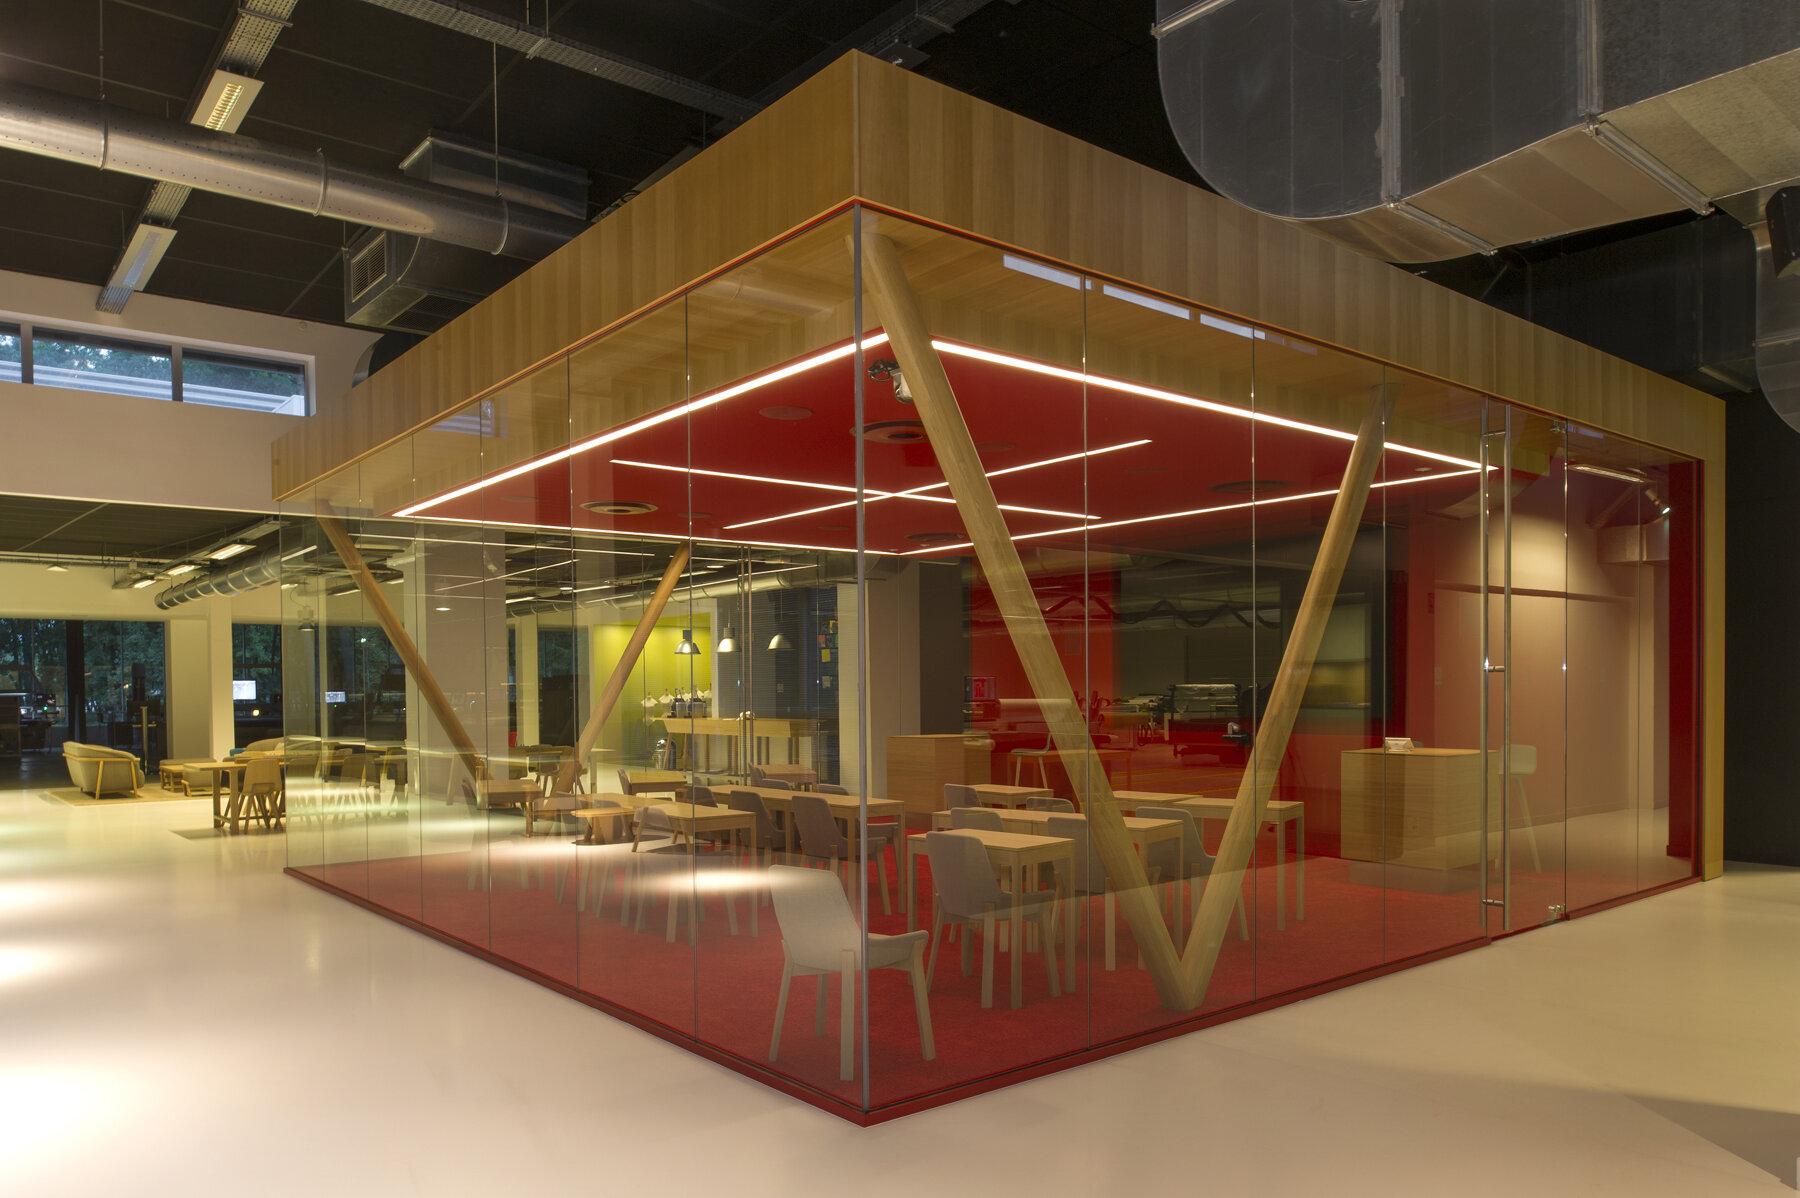 Construction neuve - Bureaux par un architecte Archidvisor